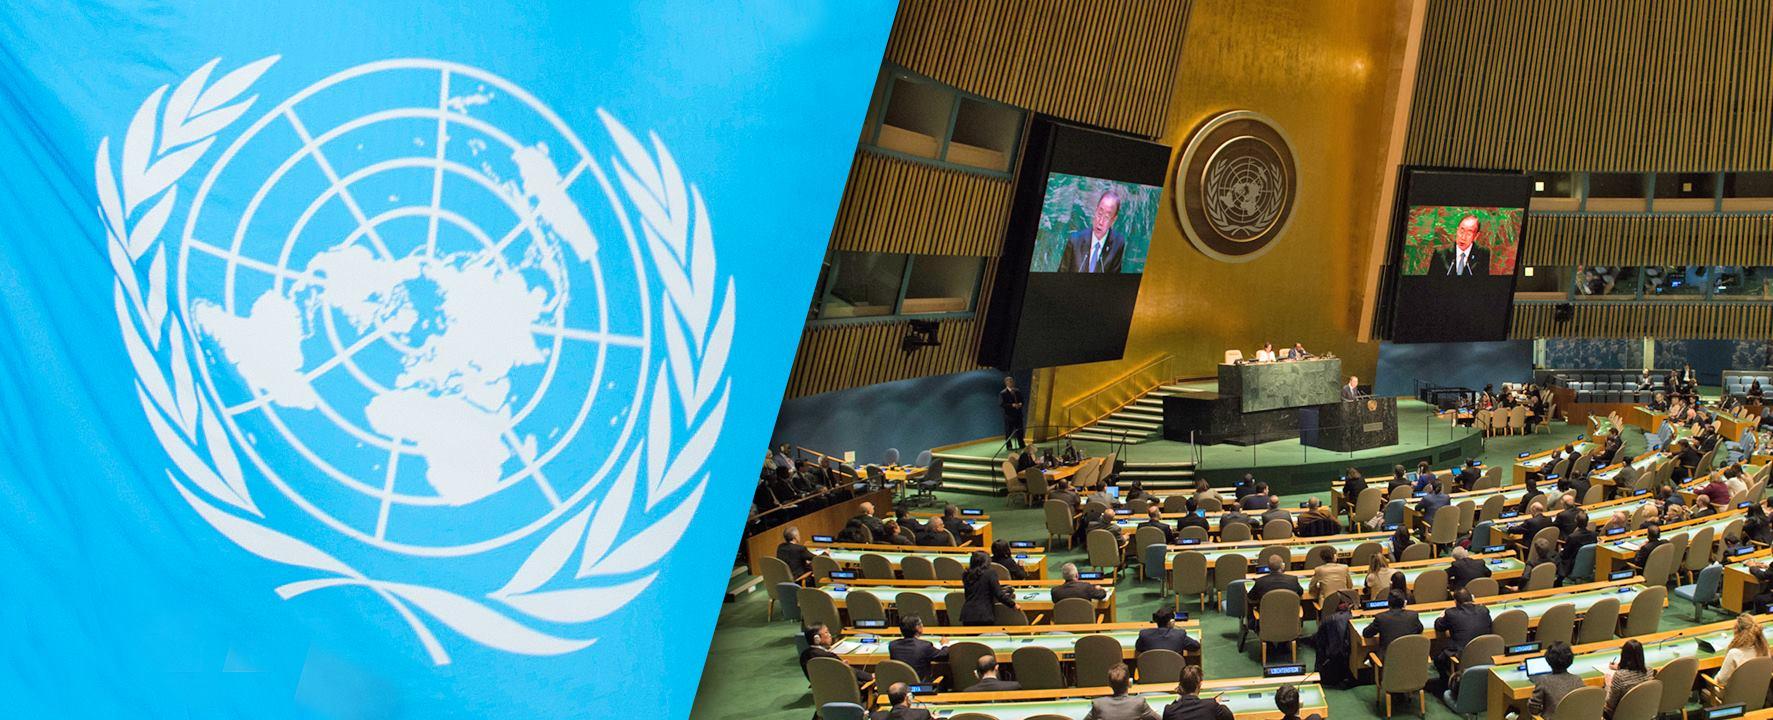 14310568 1308595815840631 3931341739416678227 o #новости Абхазия, беженцы, ГА ООН, голосование, Грузия, оккупированные территории, резолюция по Грузии, Цхинвальский регион, Южная Осетия